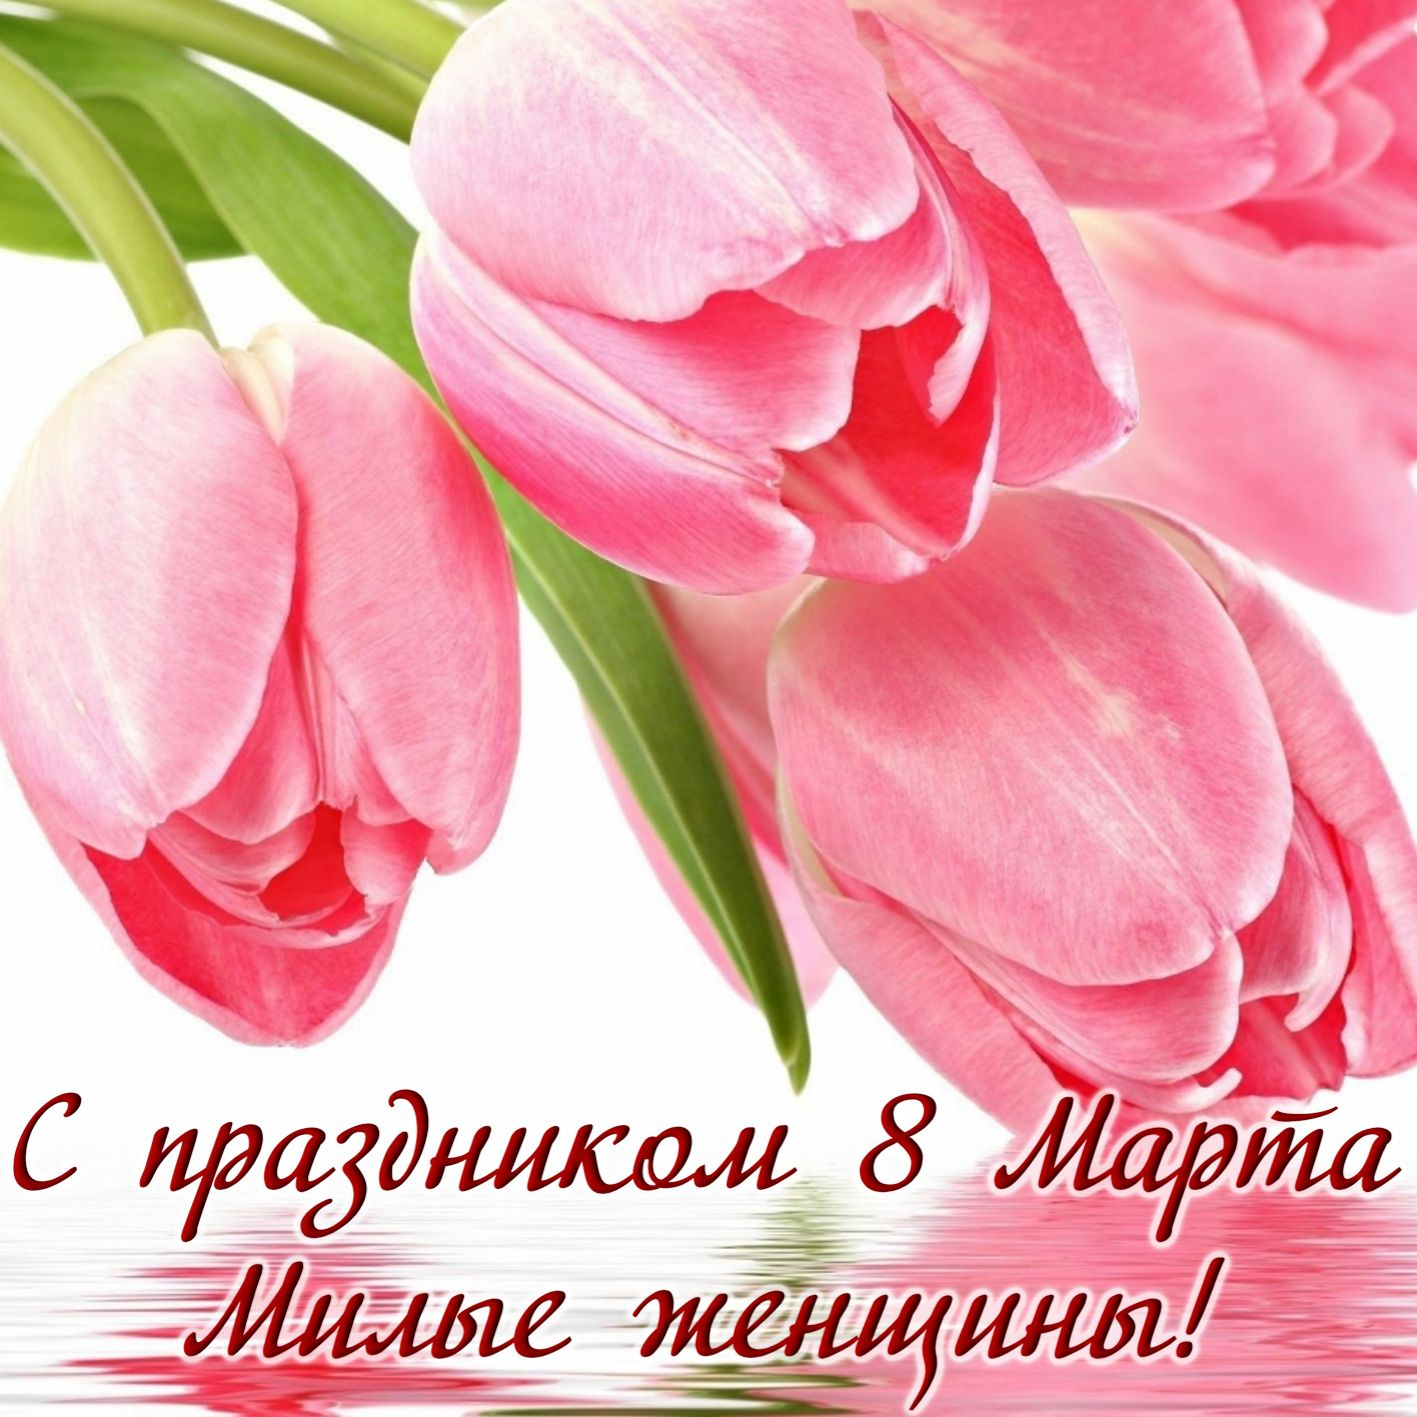 Открытка с 8 марта - розовые тюльпаны для милых женщин